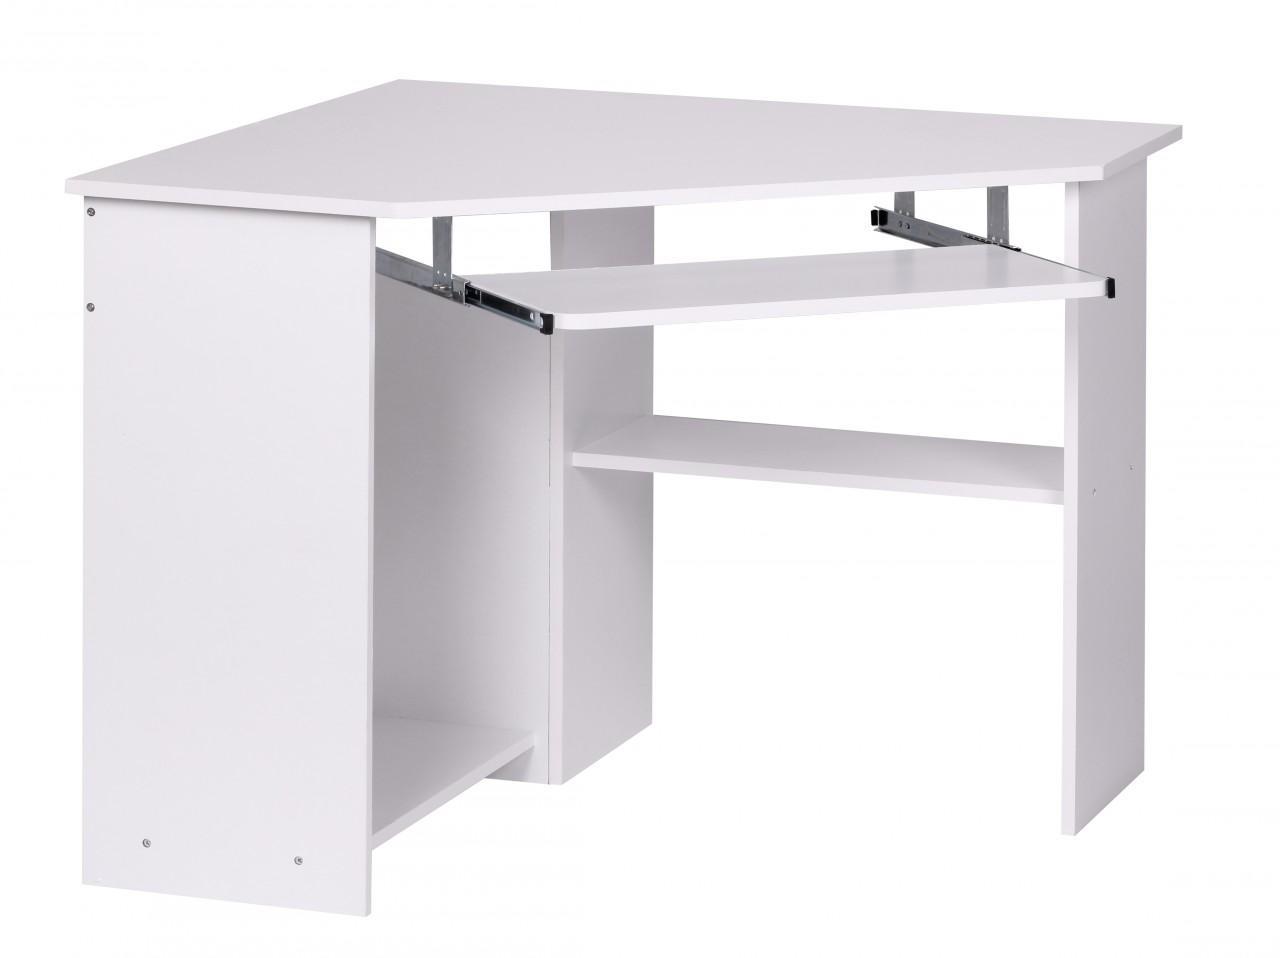 Schreibtisch Eckschreibtisch Computertisch Weiß mit Tastaturauszug